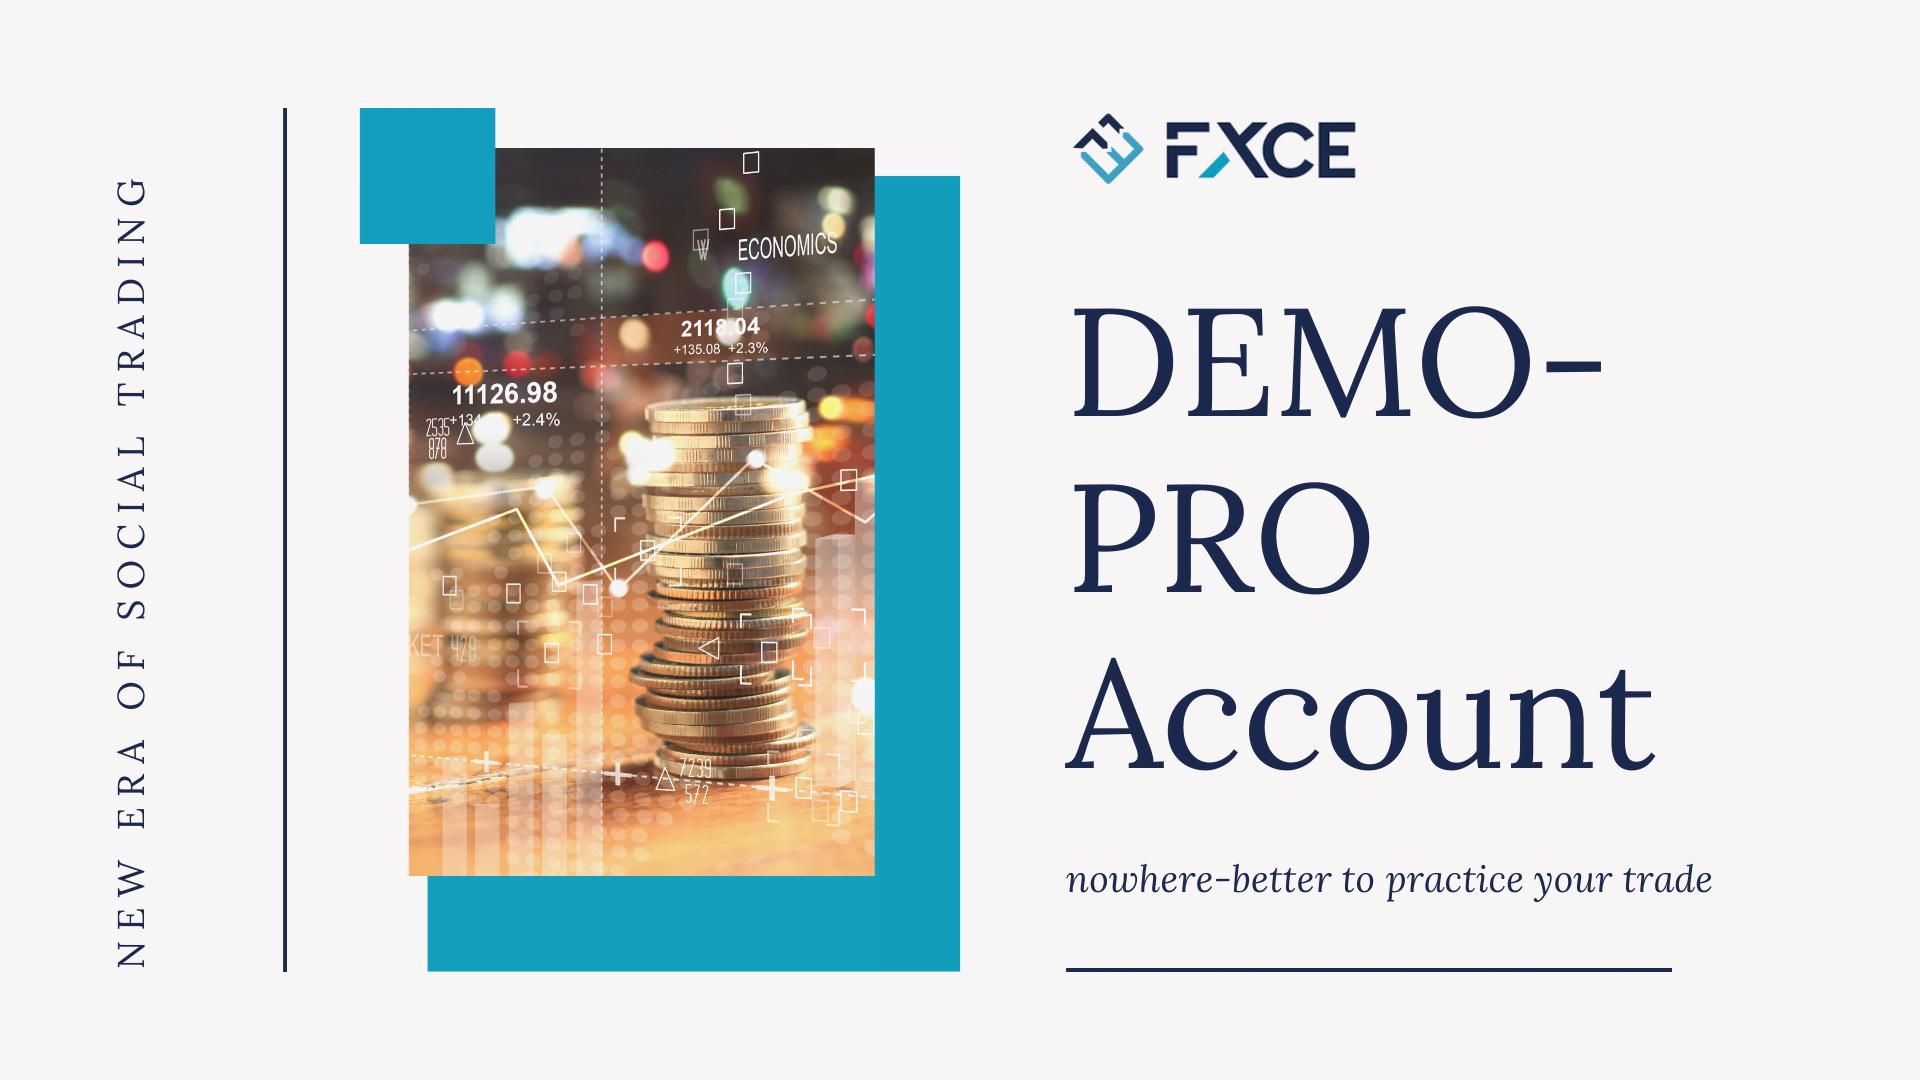 FXCE tài khoản demo pro - Đánh giá sàn FXCE: Nền tảng giao dịch xã hội độc đáo